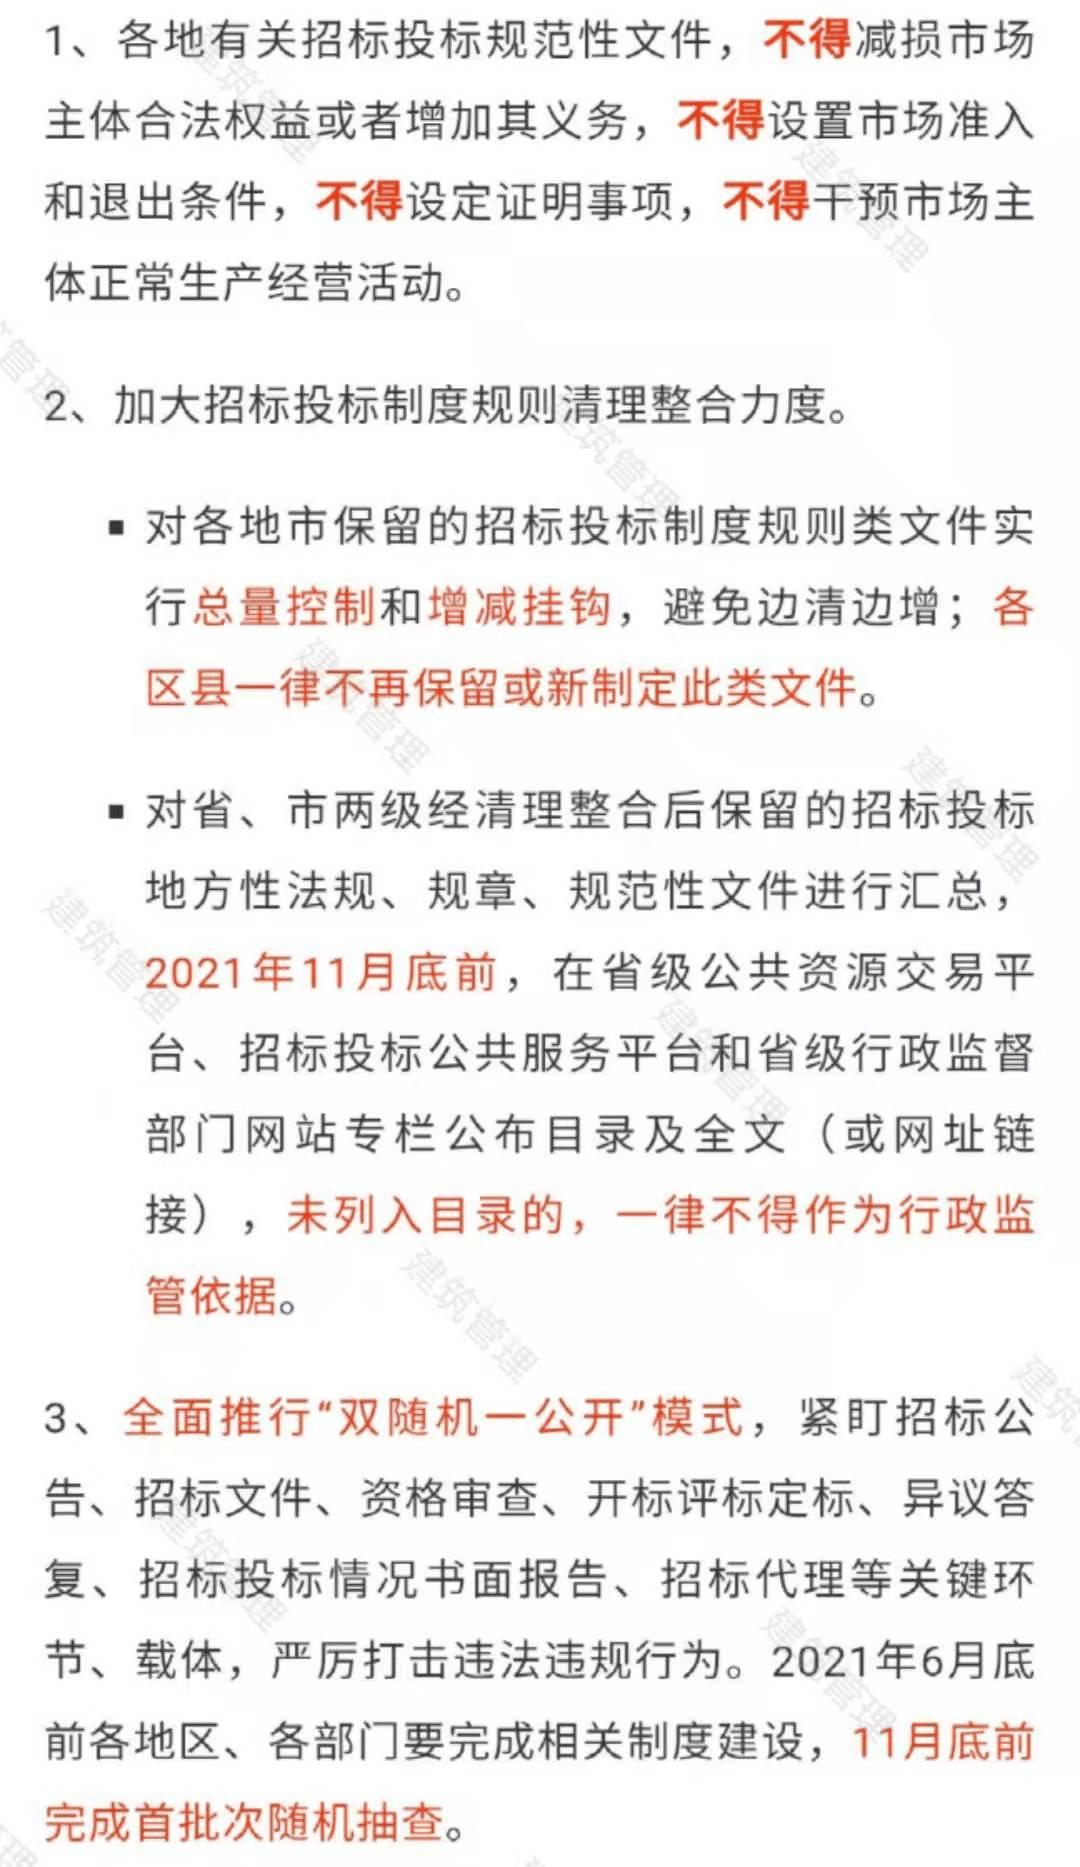 发改委等11部门:对各地招投标政策文件进行清理,各区县一律不再保留或新制定此类文件!